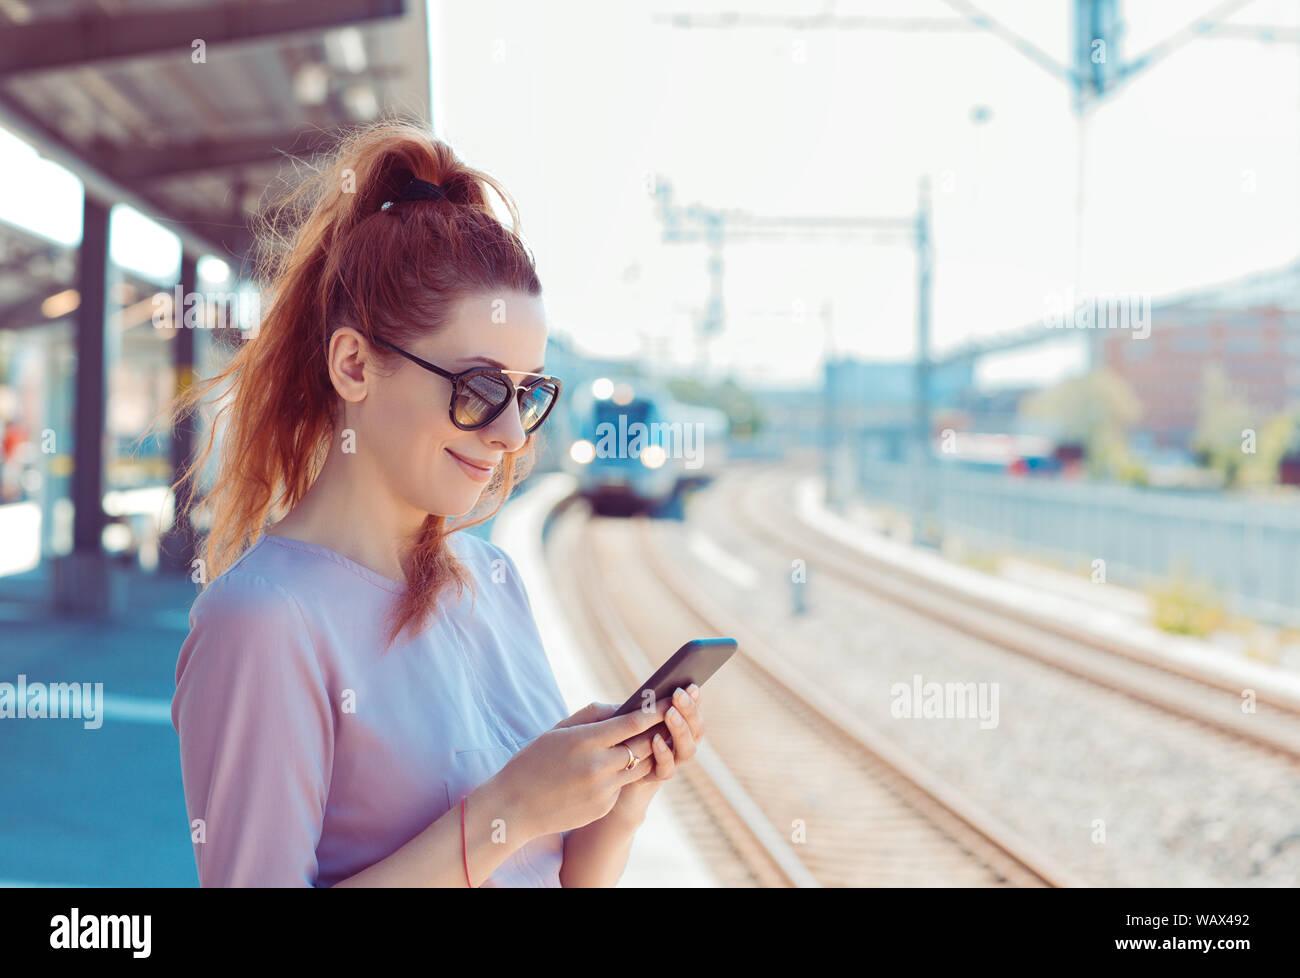 Giovane donna con il suo telefono cellulare sulla piattaforma della metropolitana, controllo messaggi sms e-mail o orari dei treni. Ragazza texting sullo smartphone mentre il treno cittadino approa Foto Stock